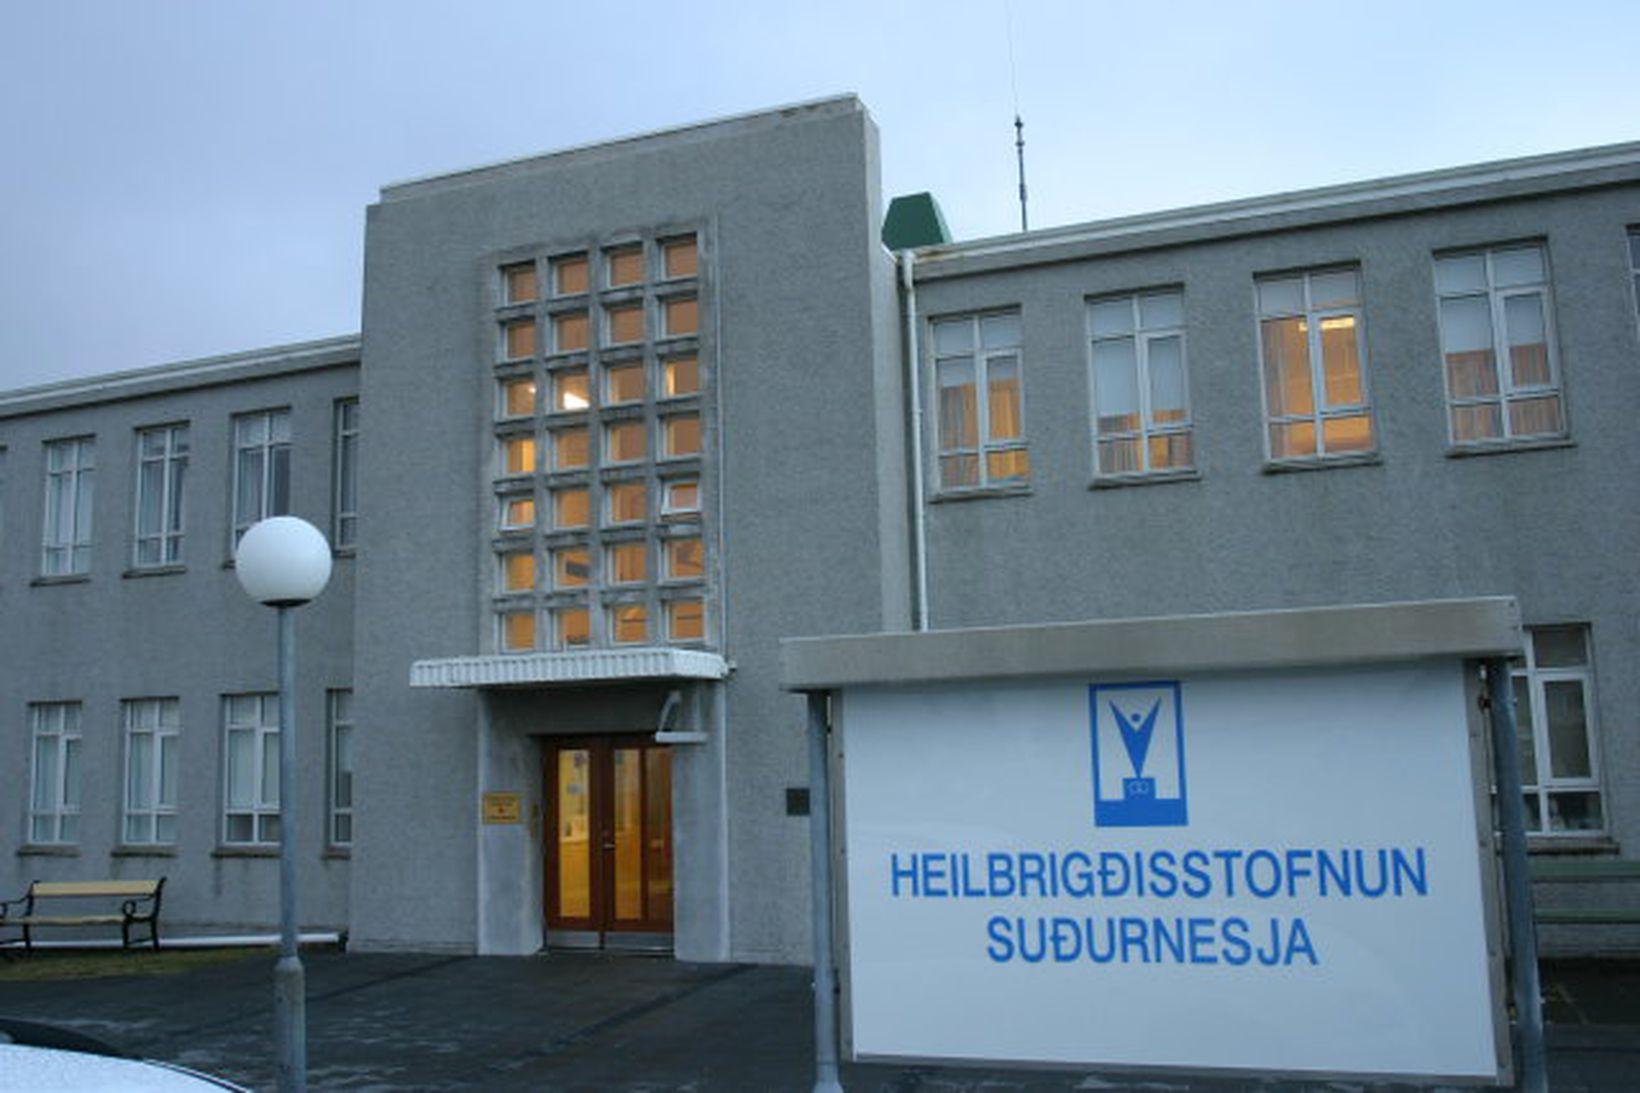 Heilbrigðisstofnun Suðurnesja..